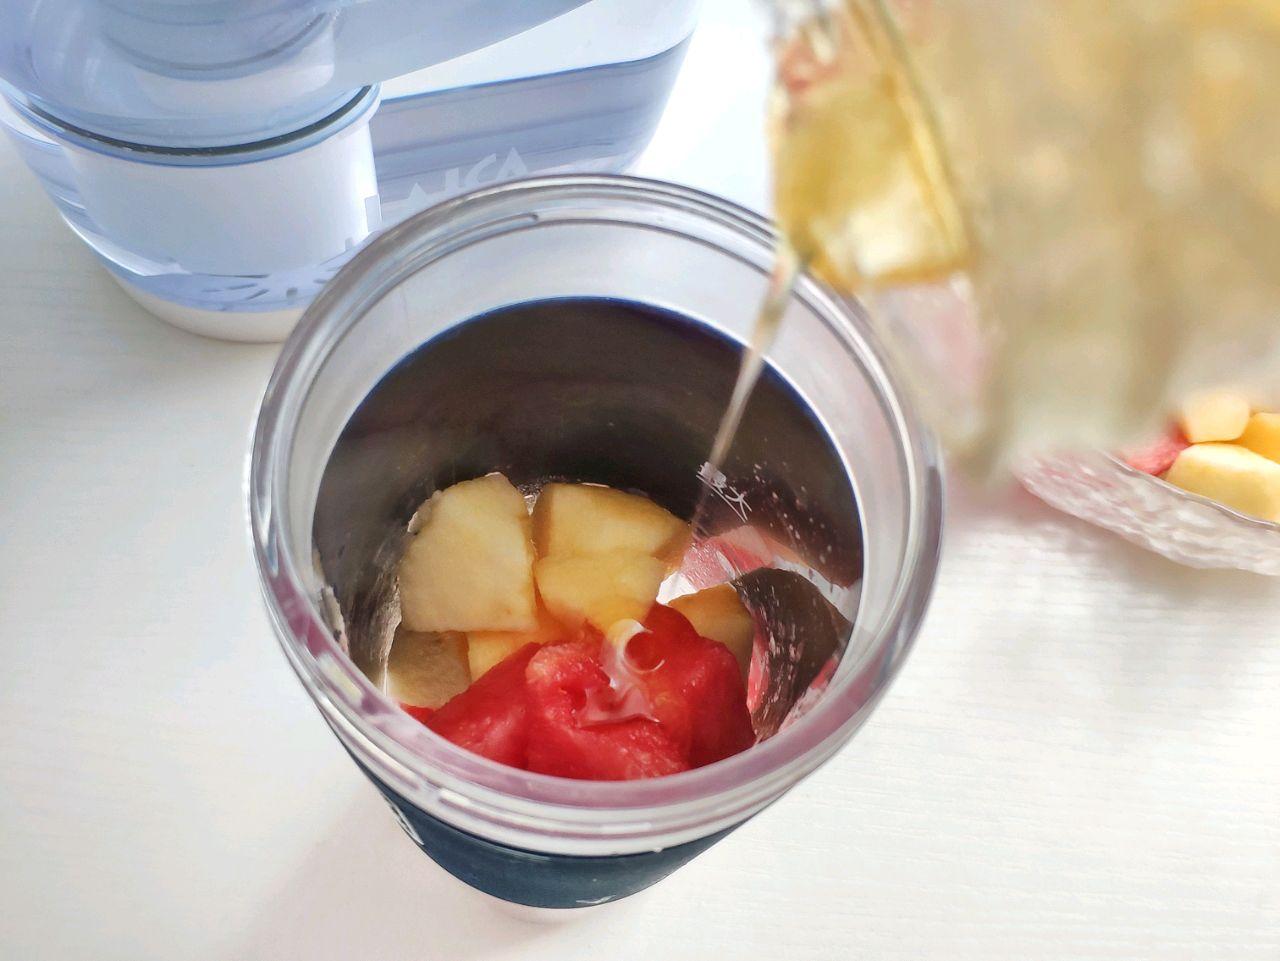 Giải nhiệt, giải khát với món đồ uống chỉ làm trong nháy mắt, nguyên liệu nhà nào cũng có - Ảnh 4.